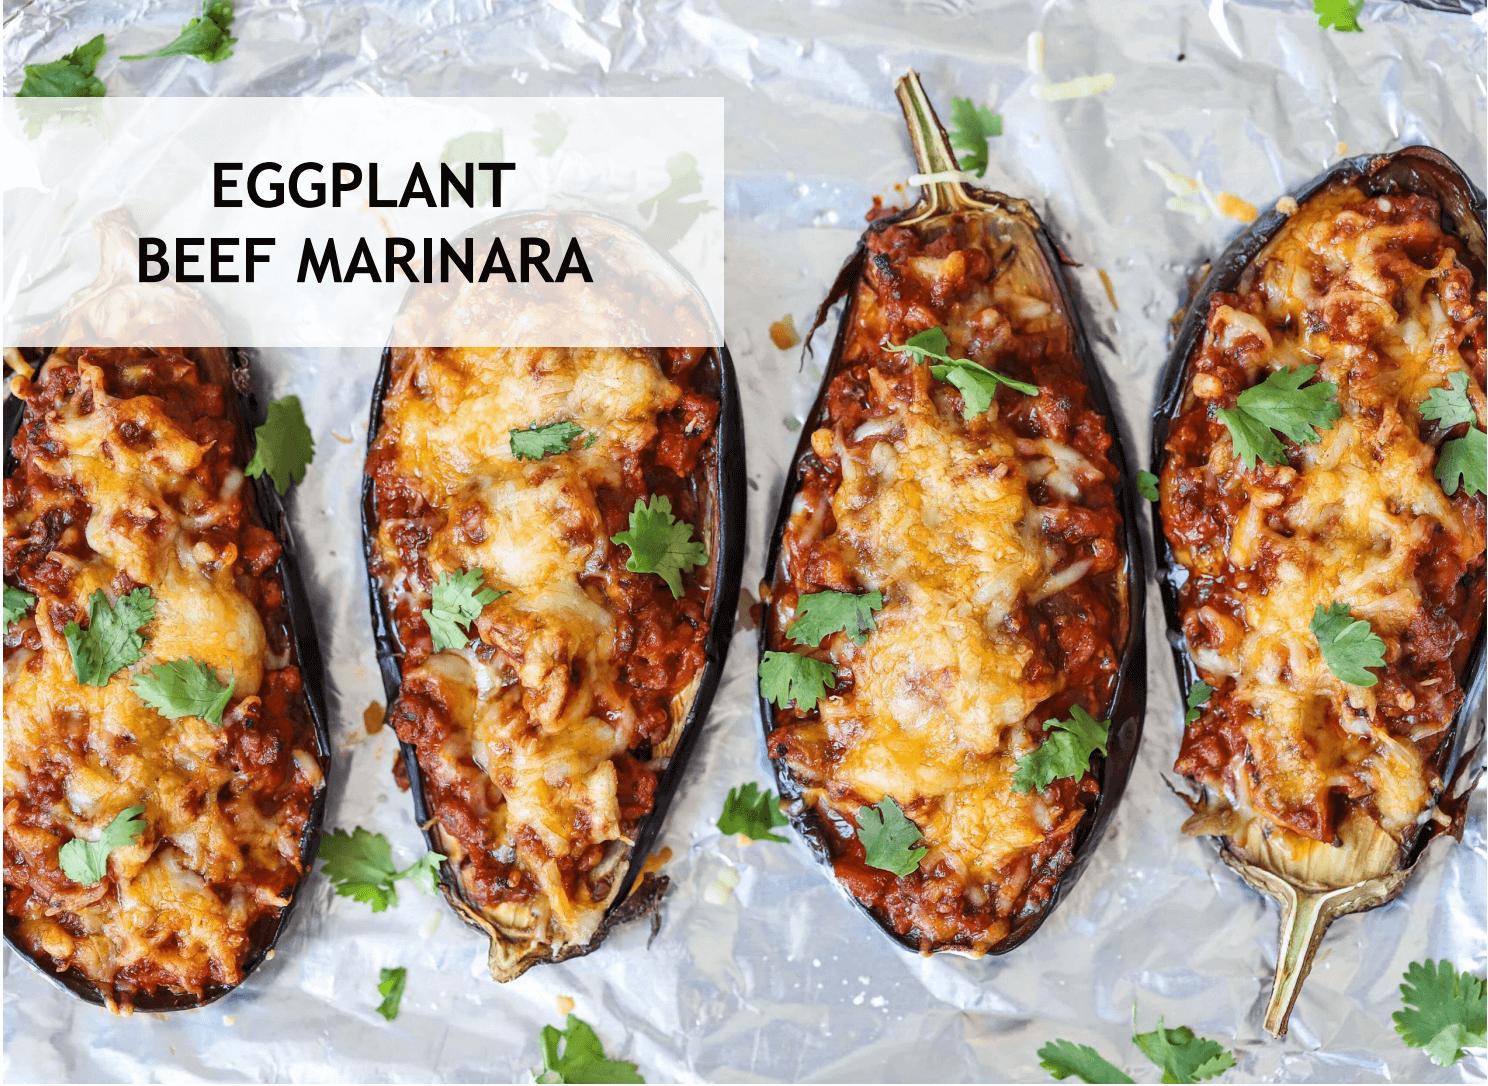 Eggplant Beef Marinara